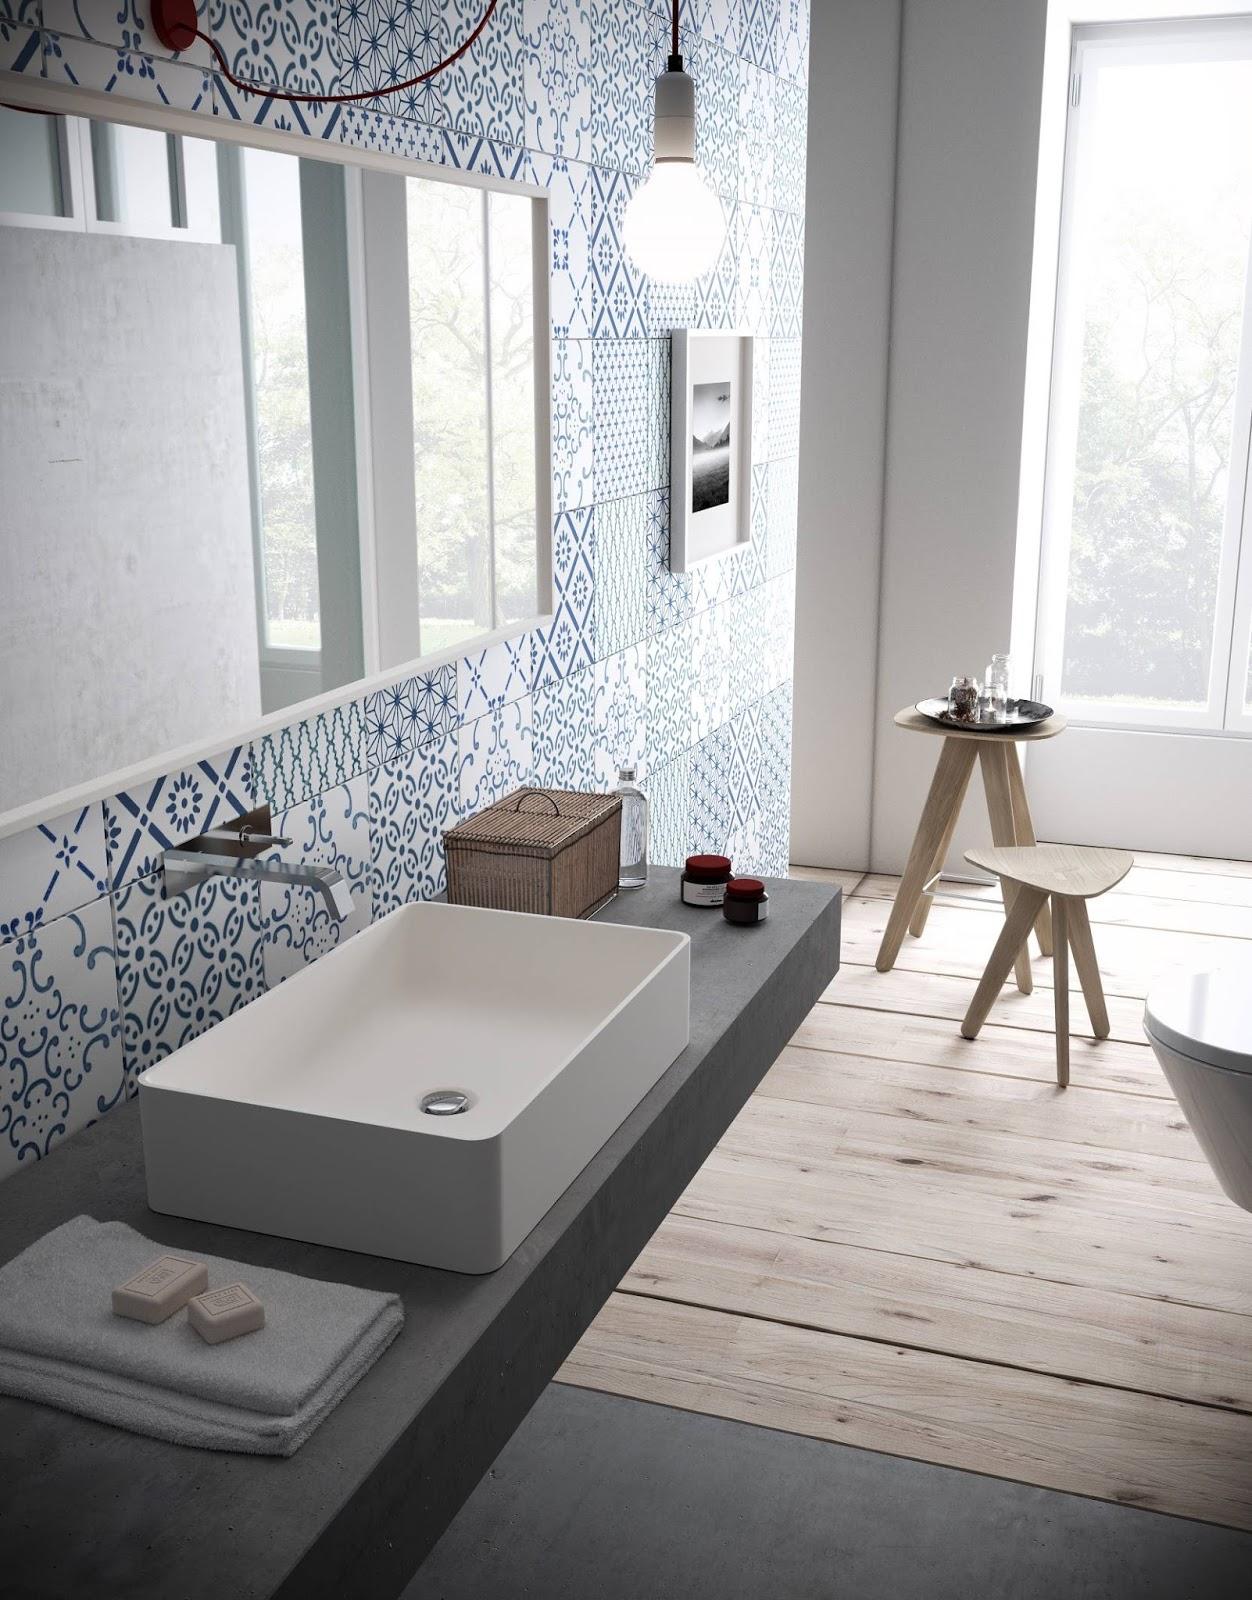 Nuevos lavamanos de hi macs blog arquitectura y dise o - Lavamanos de diseno ...